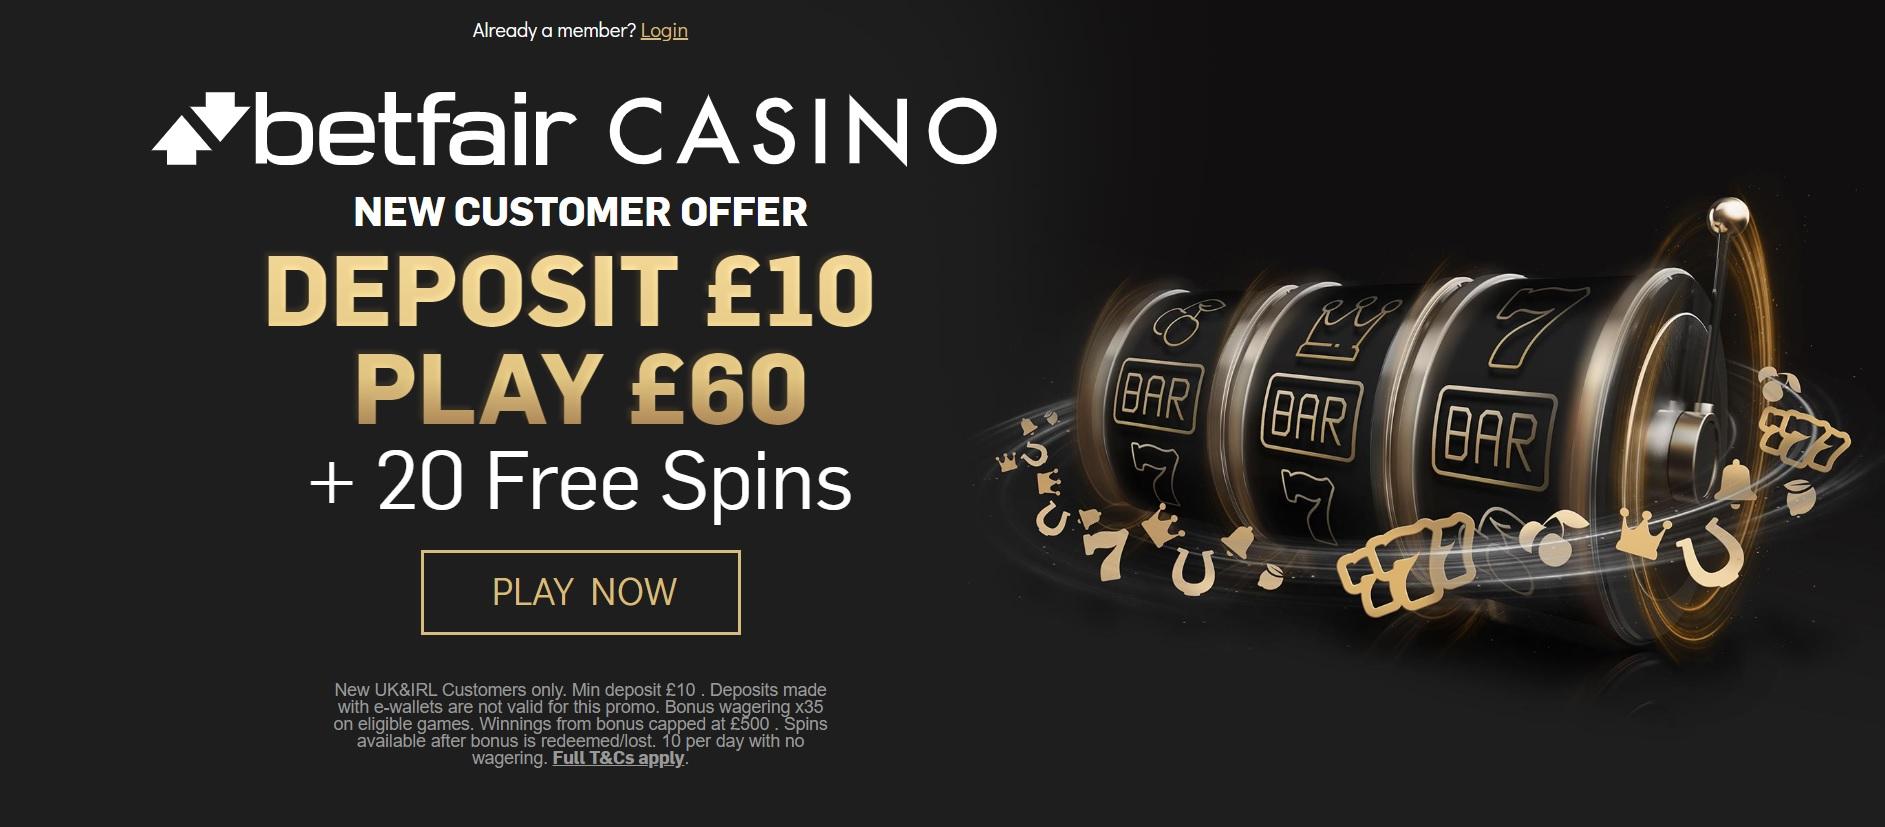 Betfair Casino Sign Up Offer